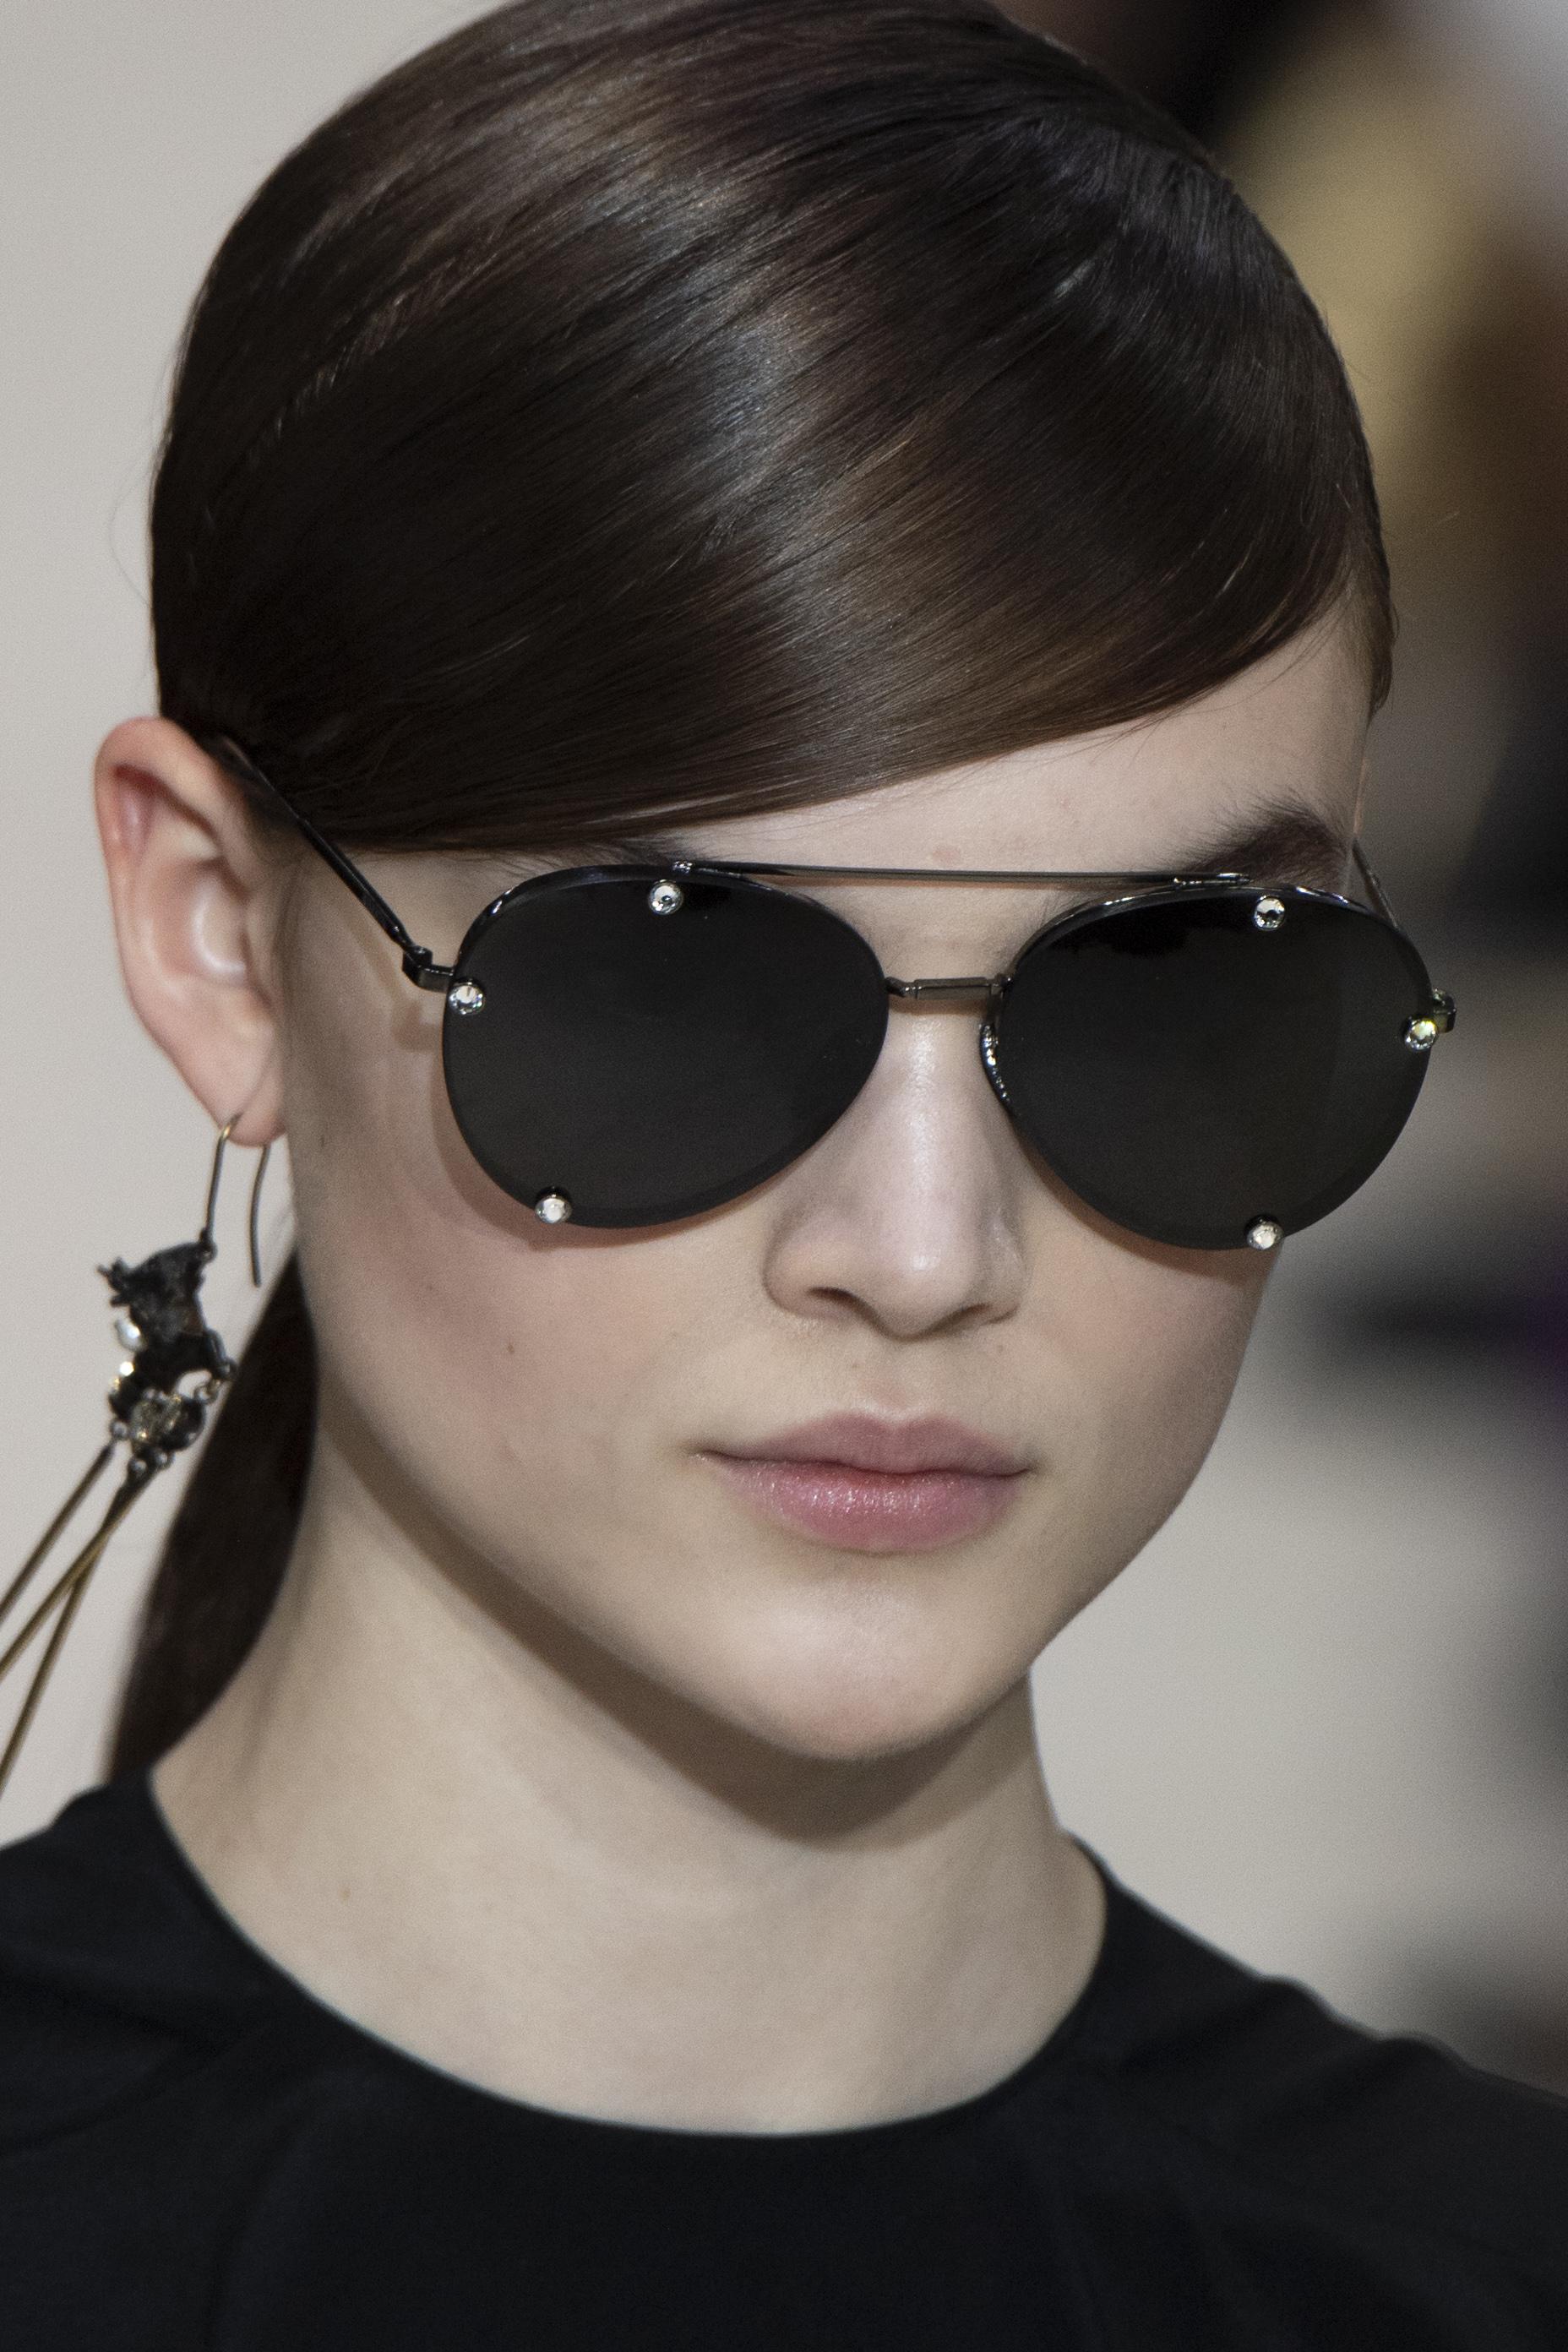 No importa la temporada, un par de gafas oscuras siempre son una buena compra. Este modelo aviador fue presentado en la pasarela de otoño-invierno 2020 de Valentino. (WGSN)